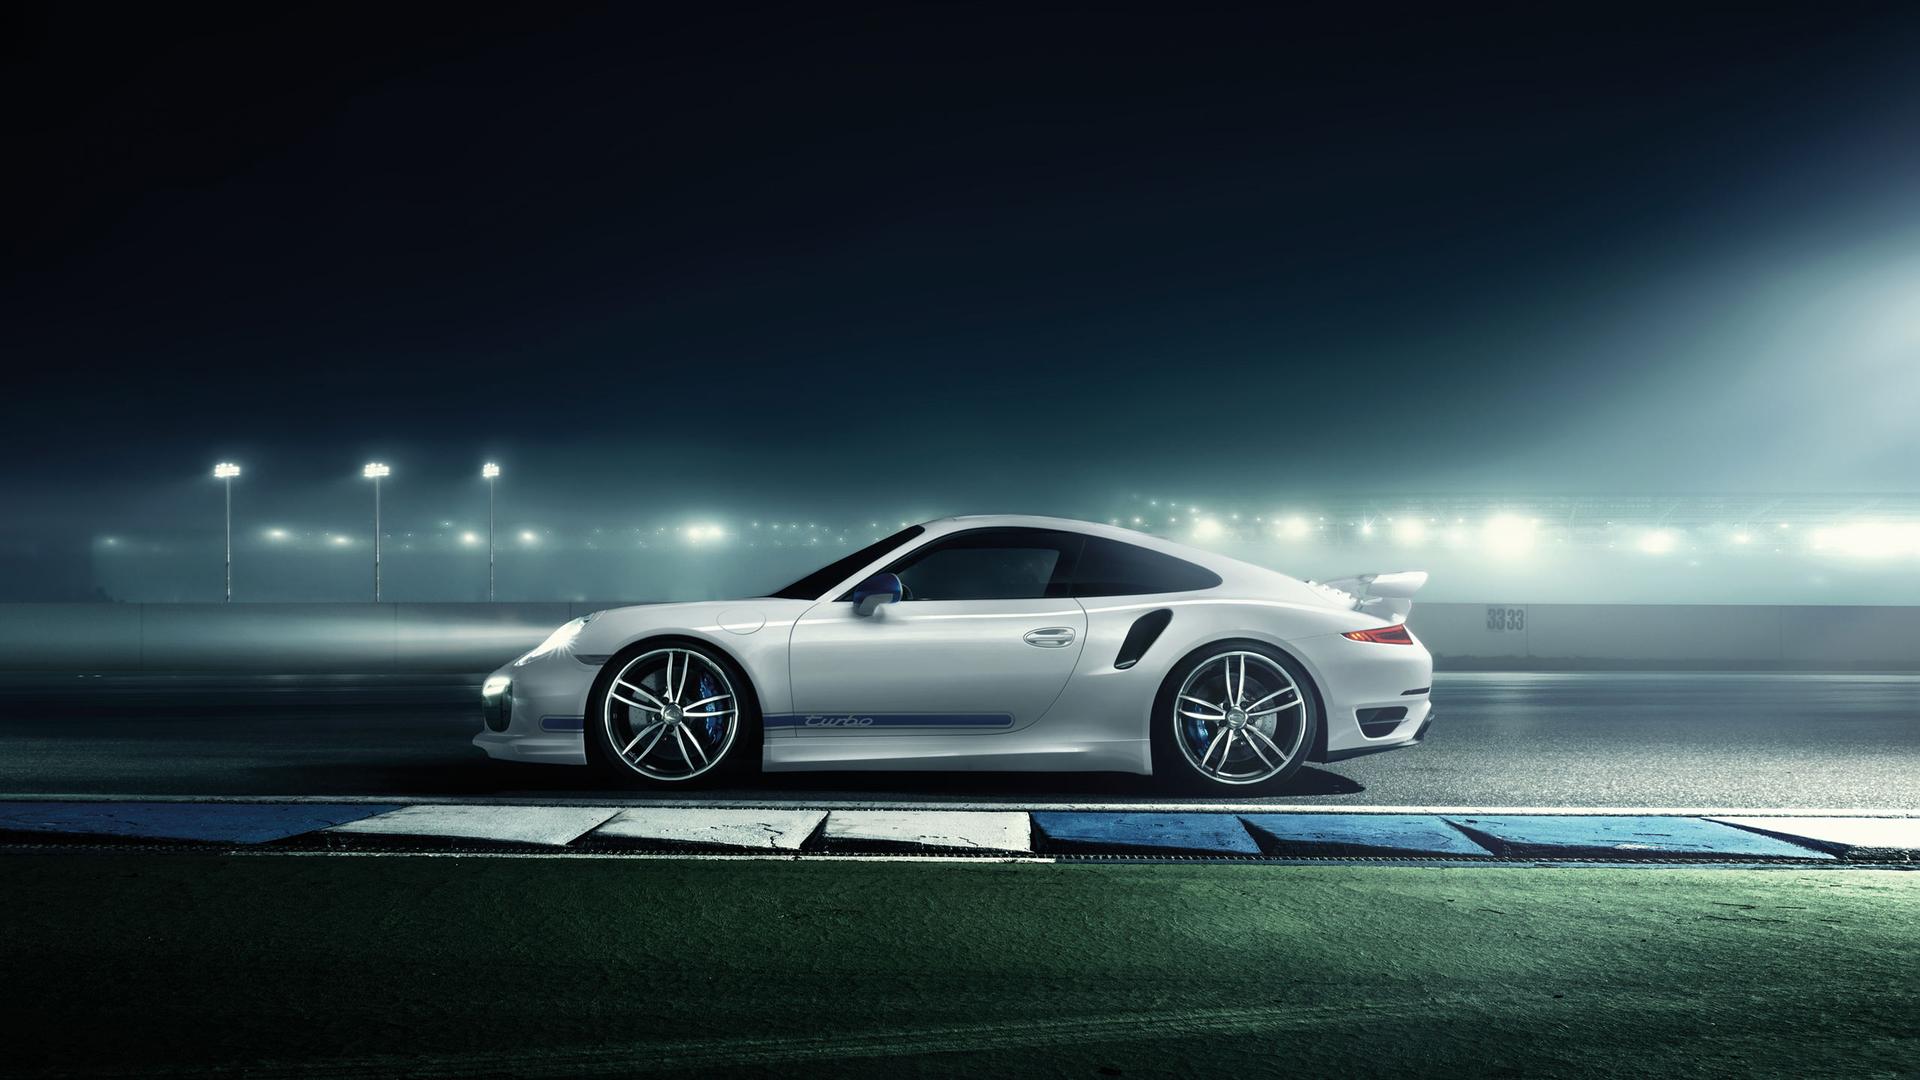 2014保时捷911 turbo 高清电脑壁纸 桌面宽屏高清图片